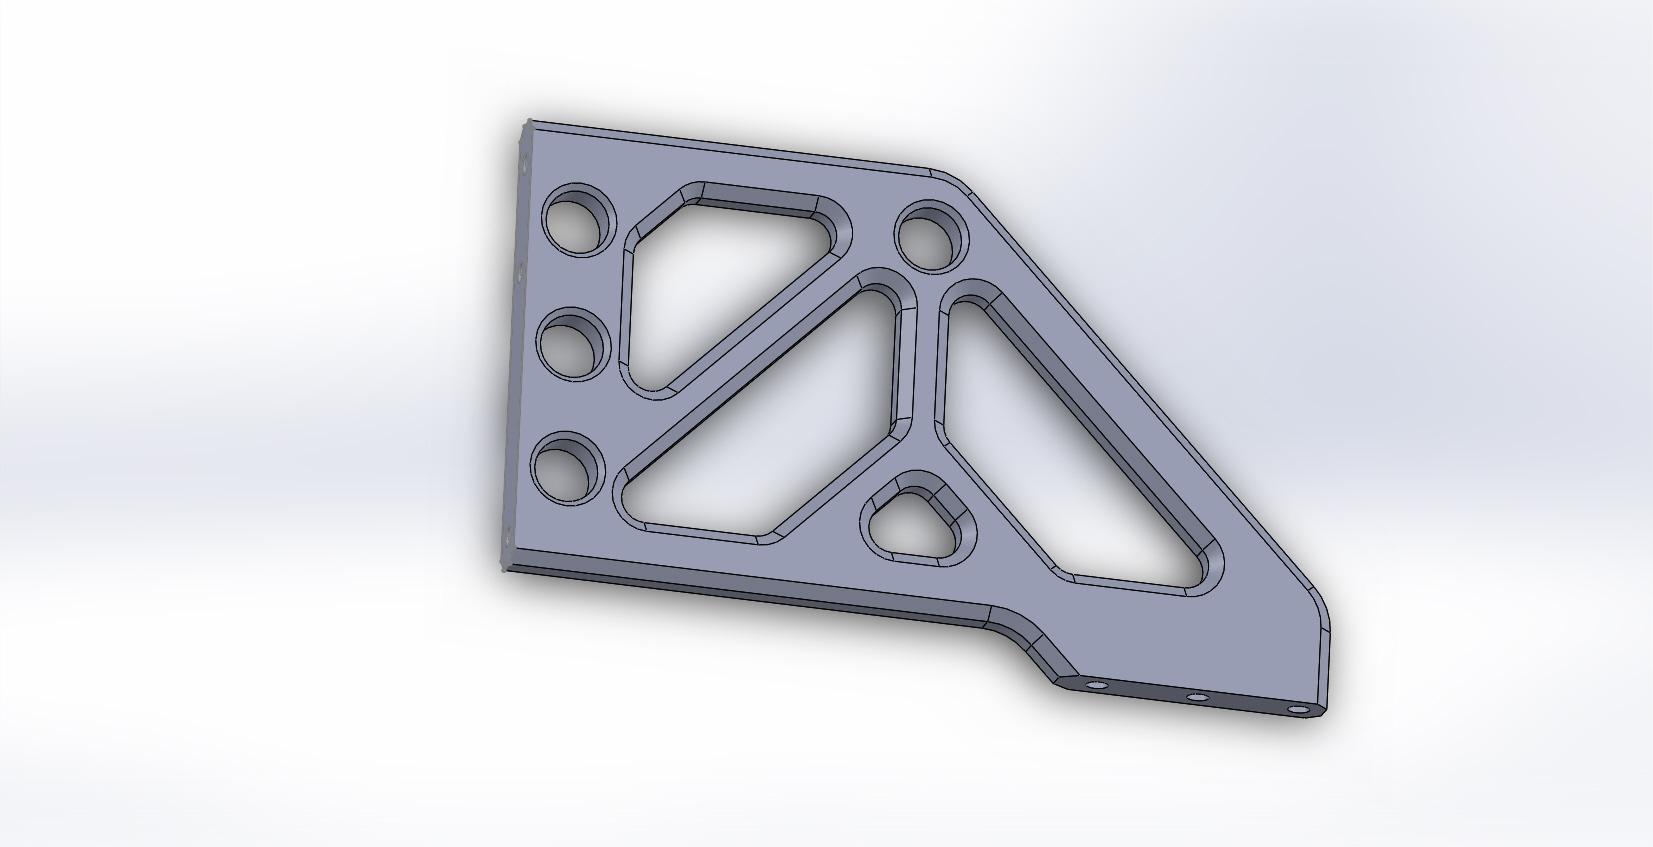 Anglebrakett-extended for camera -car dampener